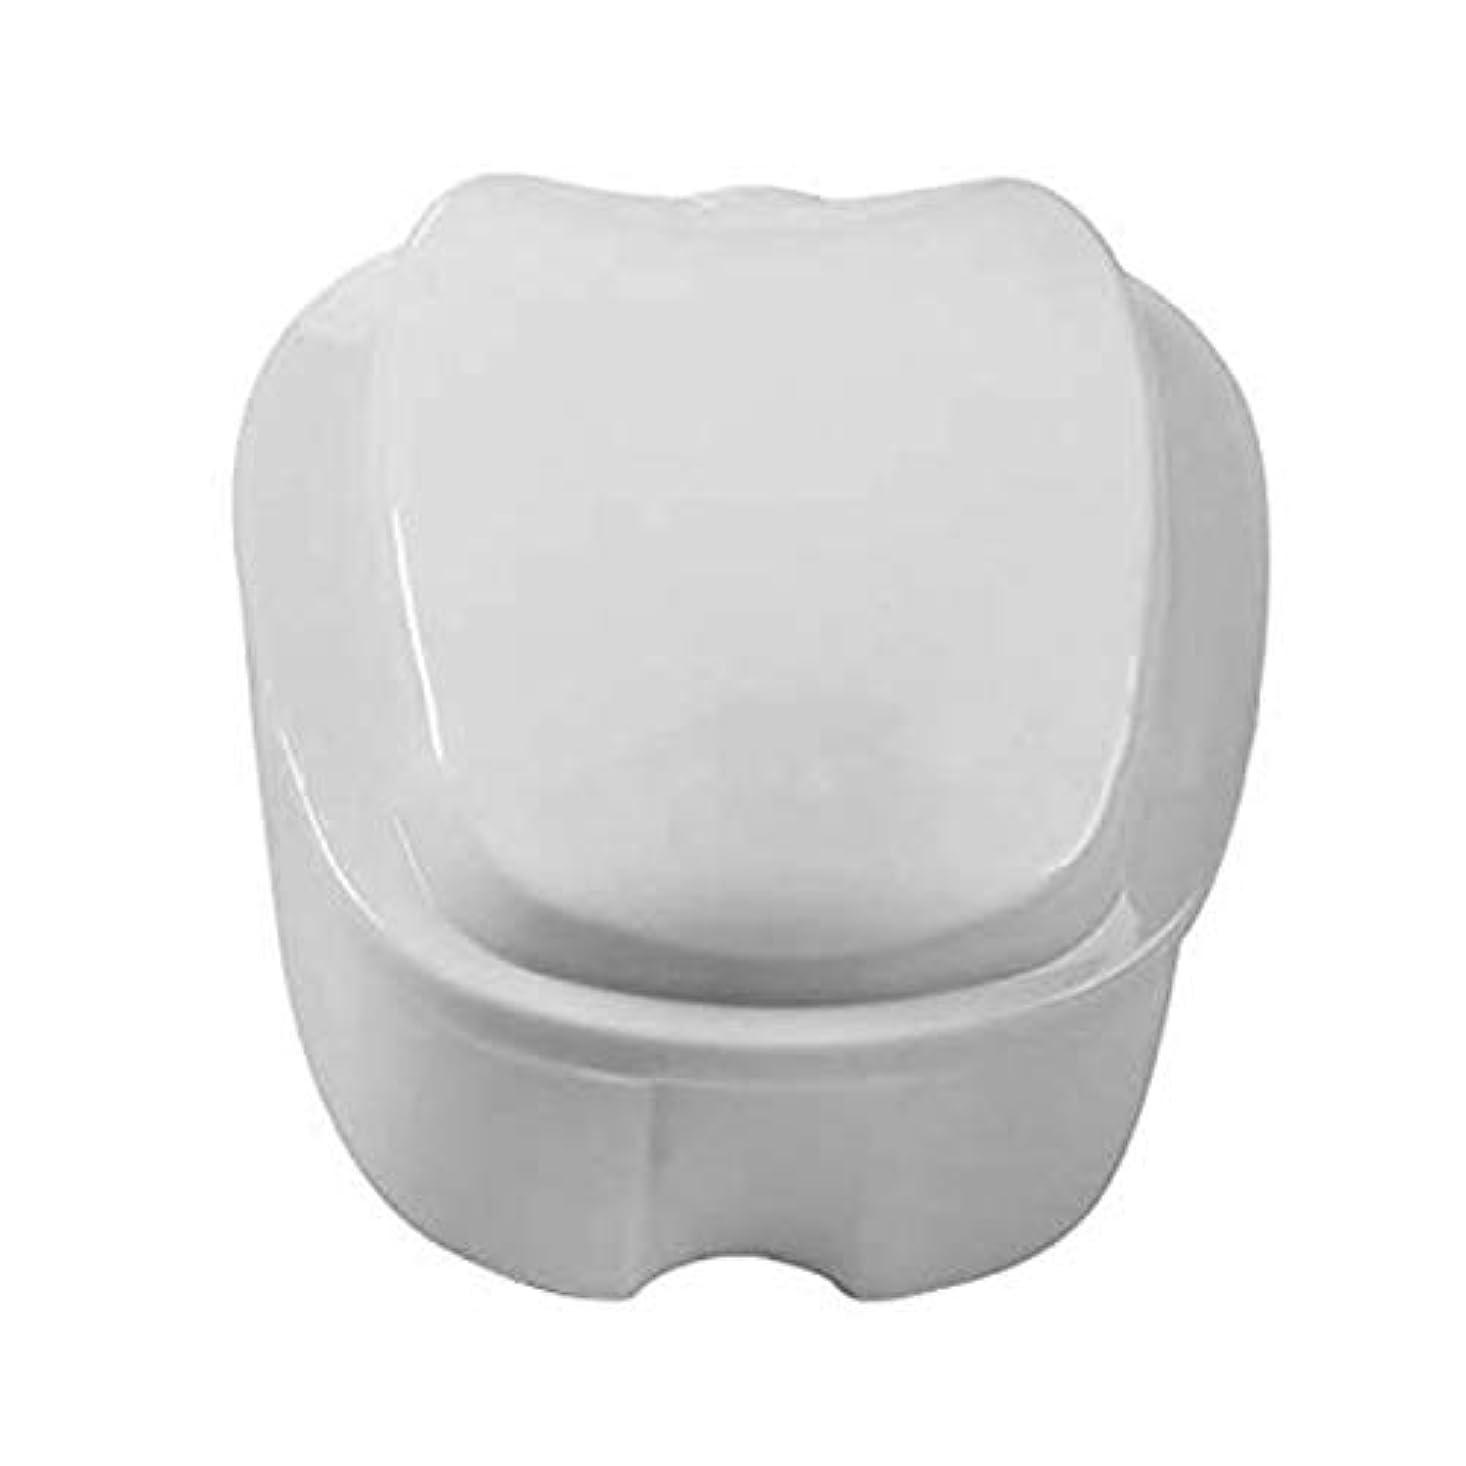 上に築きますリード洗剤CoiTek 入れ歯 ケース 義歯容器 家庭旅行用 ストレーナー付き(ホワイト)